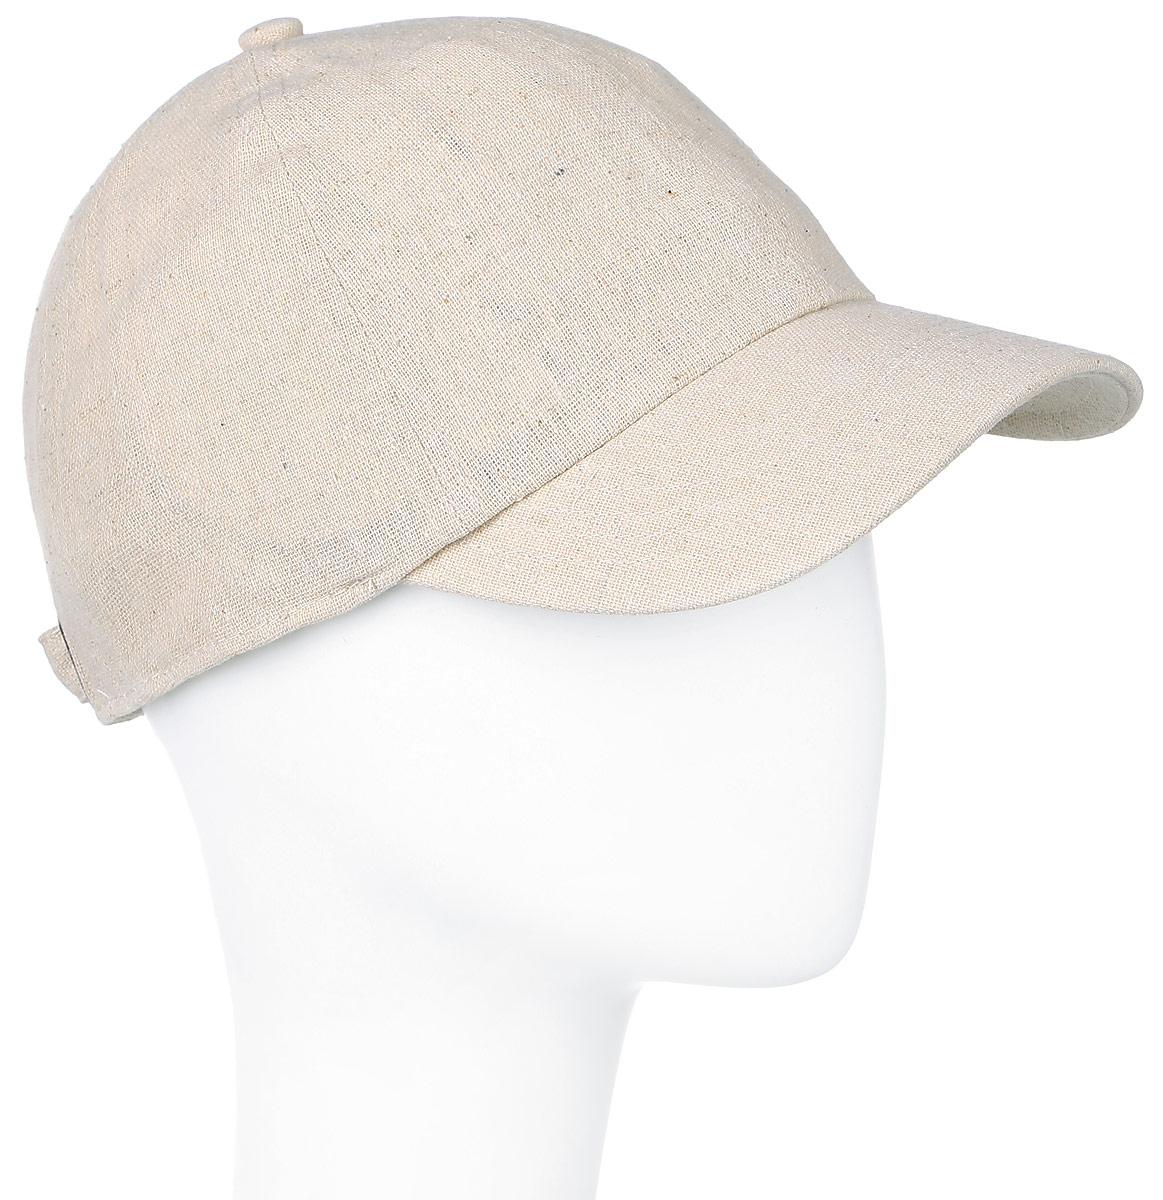 Бейсболка1960007Классическая мужская бейсболка Canoe Krilas, изготовленная из 100% хлопка, идеально подойдет для активного отдыха и обеспечит надежную защиту головы от солнца. Бейсболка имеет перфорацию, обеспечивающую дополнительную вентиляцию. Сбоку бейсболка декорирована металлической эмблемой с логотипом производителя. Объем изделия регулируется благодаря ремешку с зажимом, оформленным вырубкой в виде листа. Такая бейсболка станет отличным аксессуаром для занятий спортом или дополнит ваш повседневный образ.